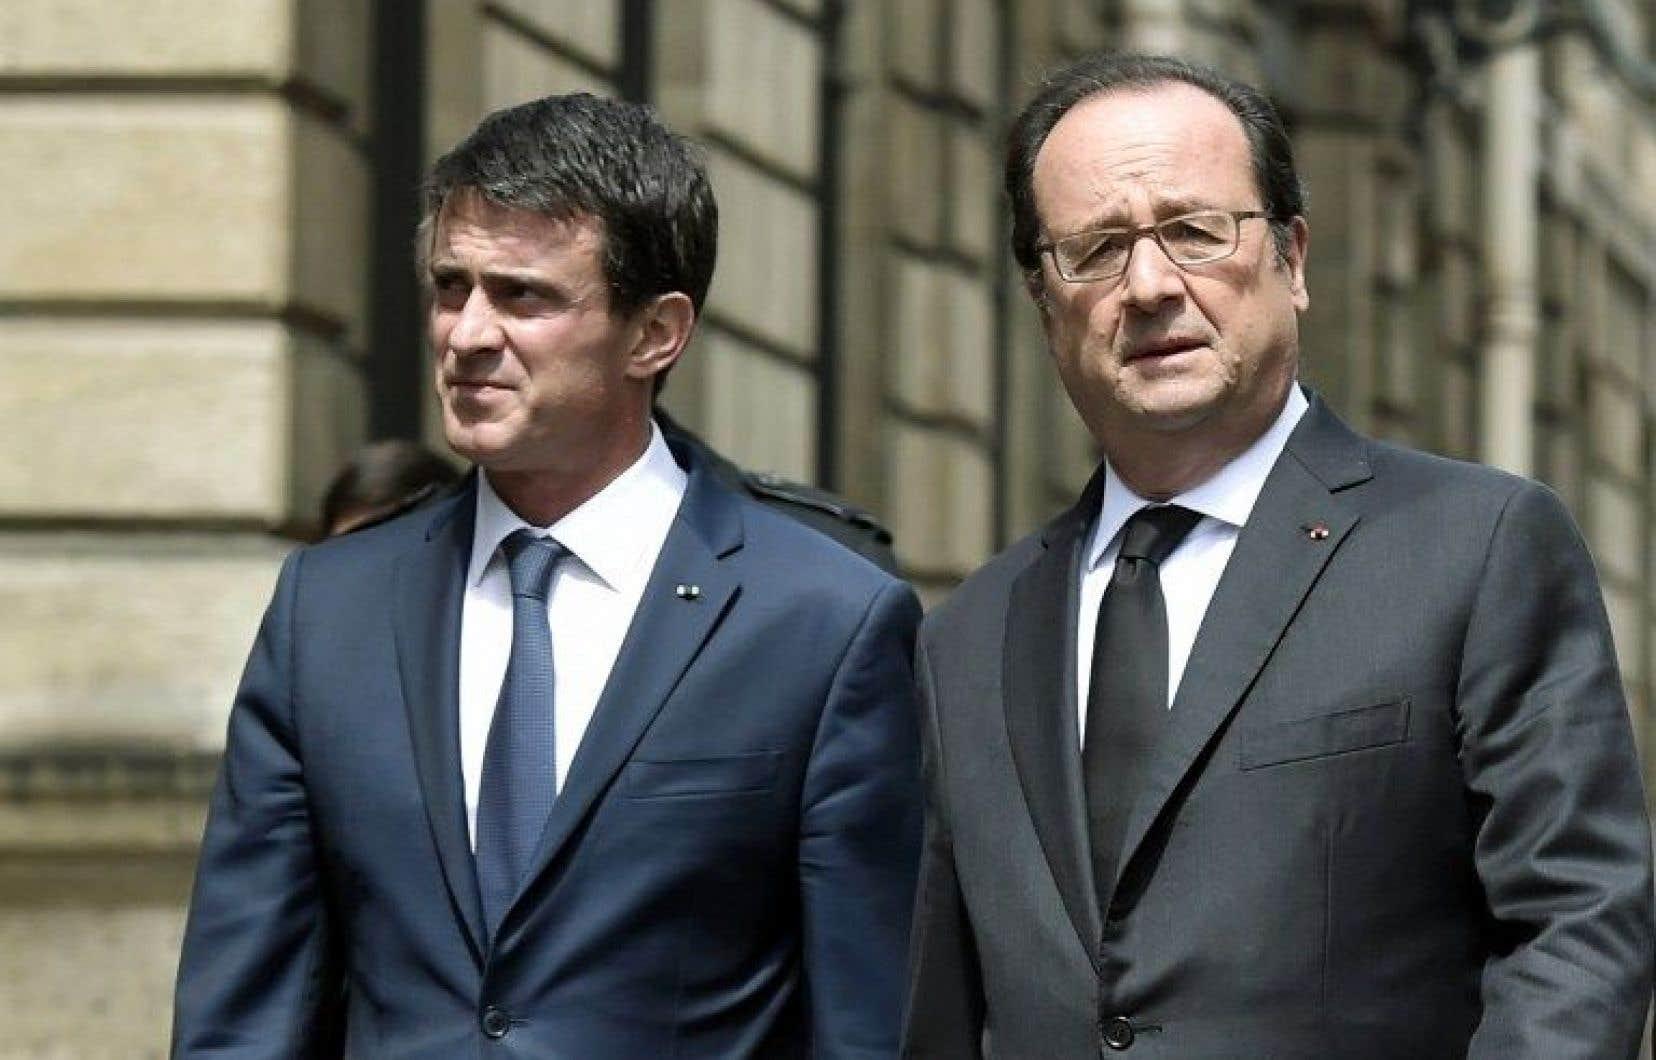 Le premier ministre de la France, Manuel Valls, et le président français, François Hollande